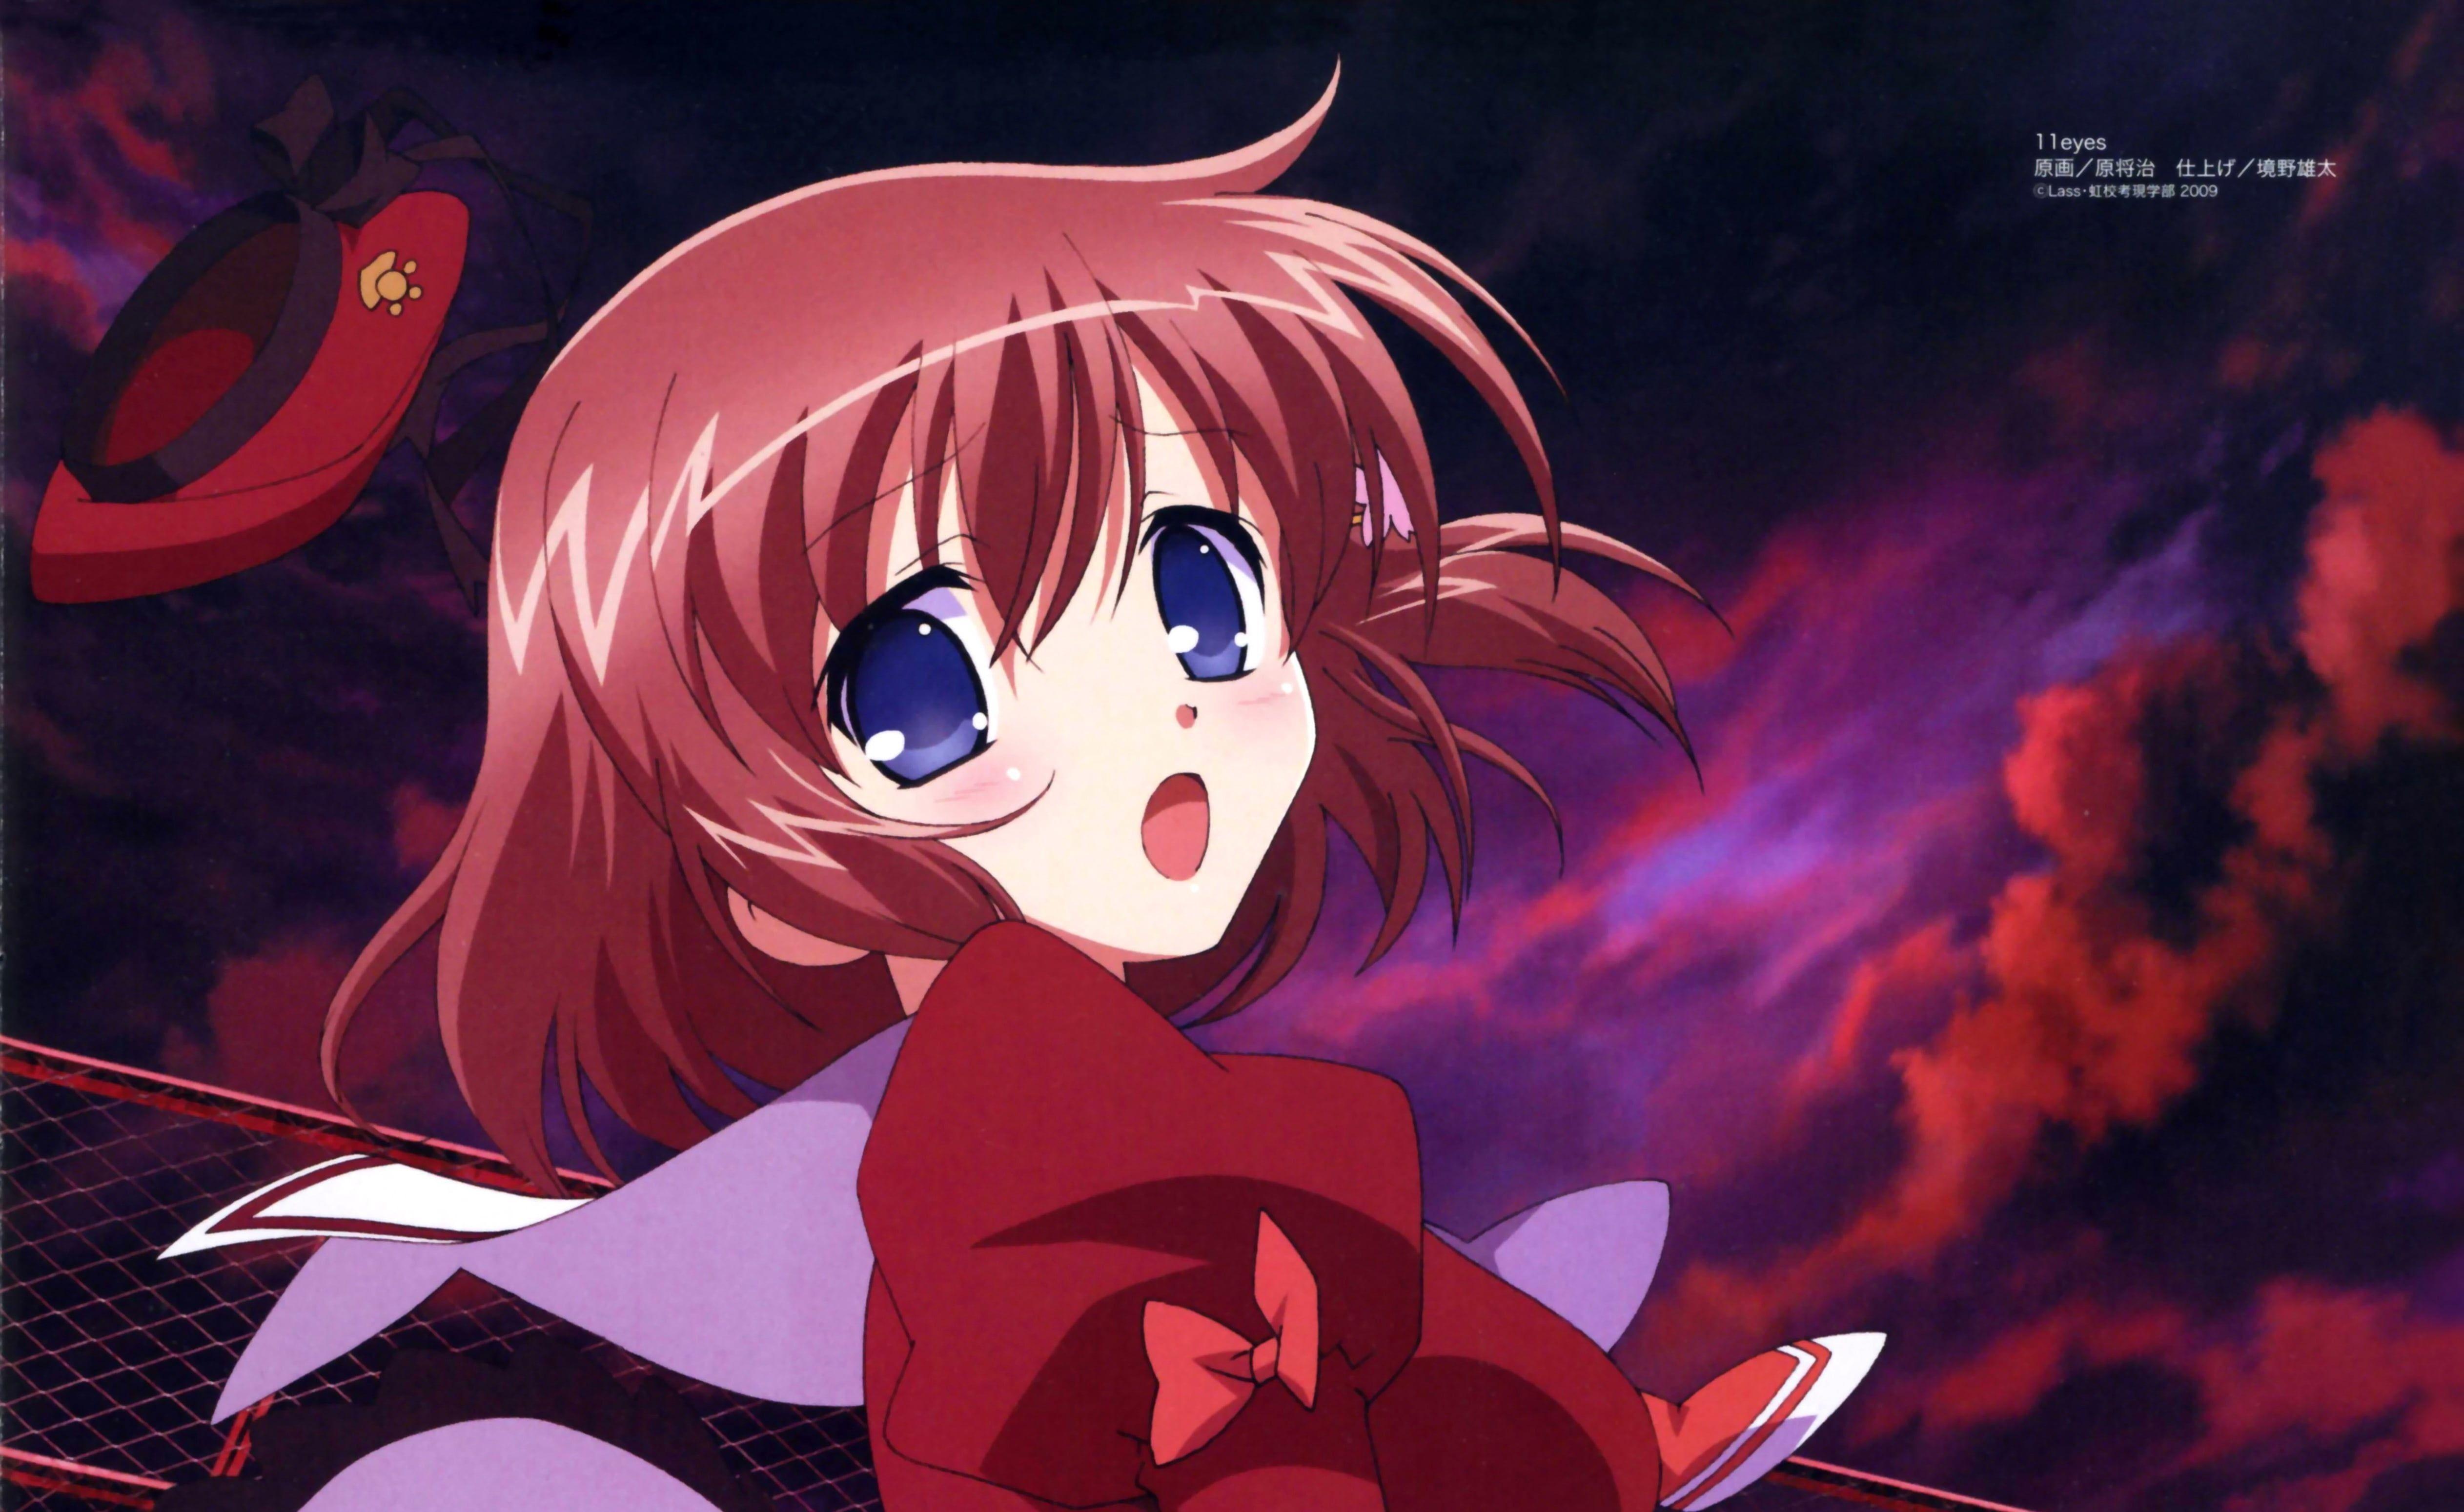 anime Red girl hair